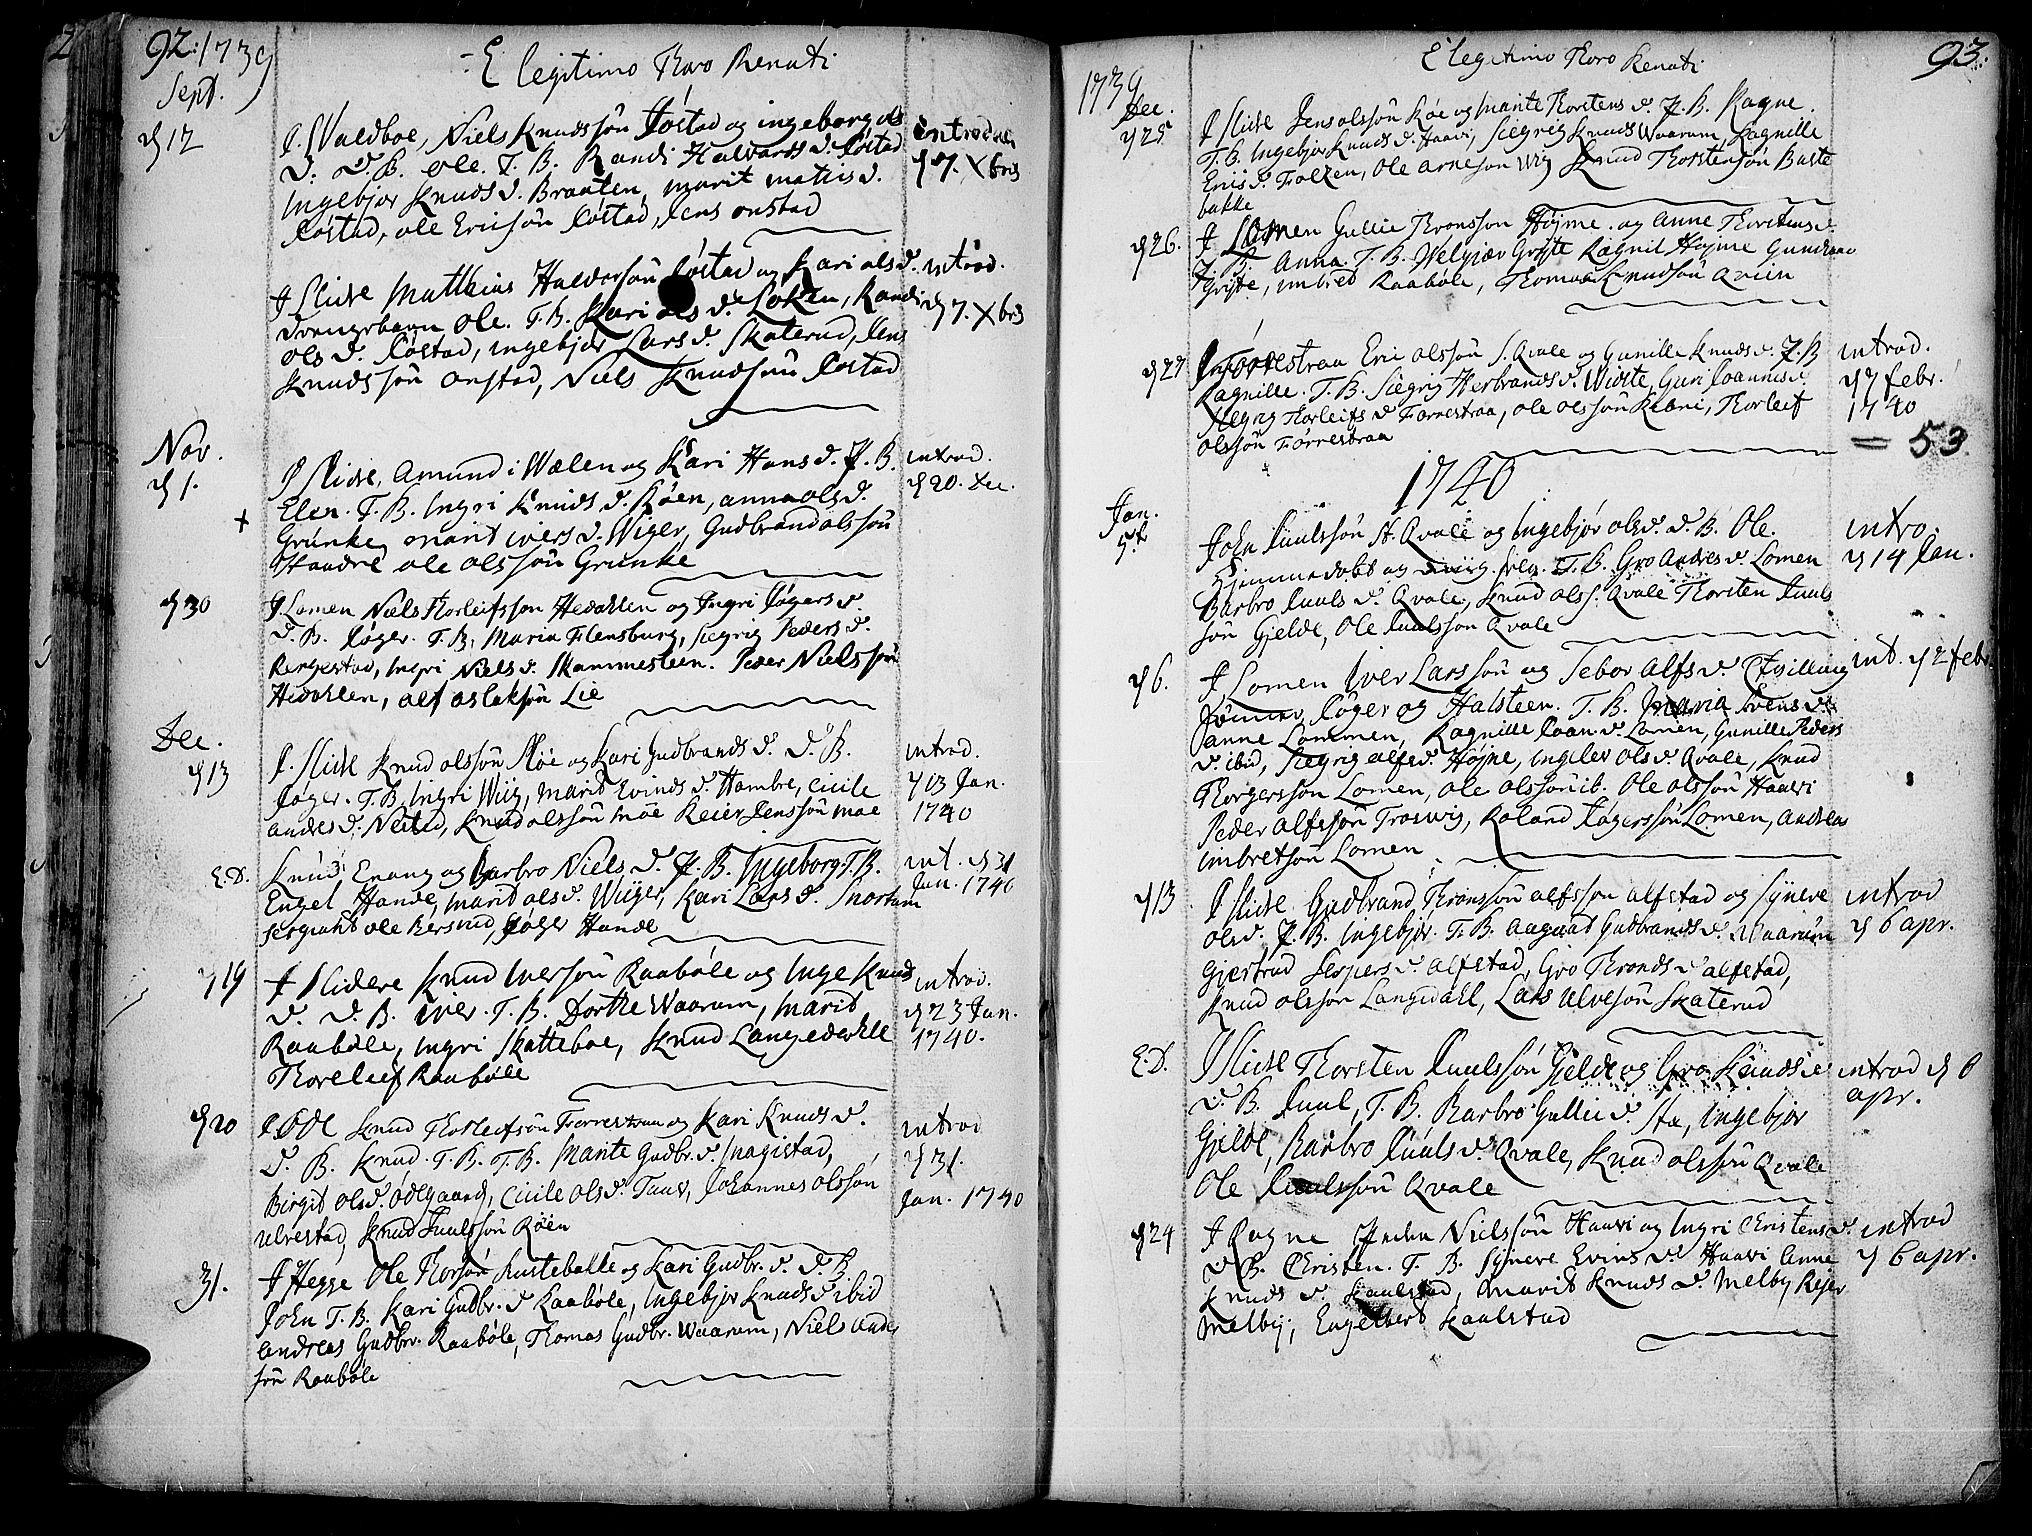 SAH, Slidre prestekontor, Ministerialbok nr. 1, 1724-1814, s. 92-93